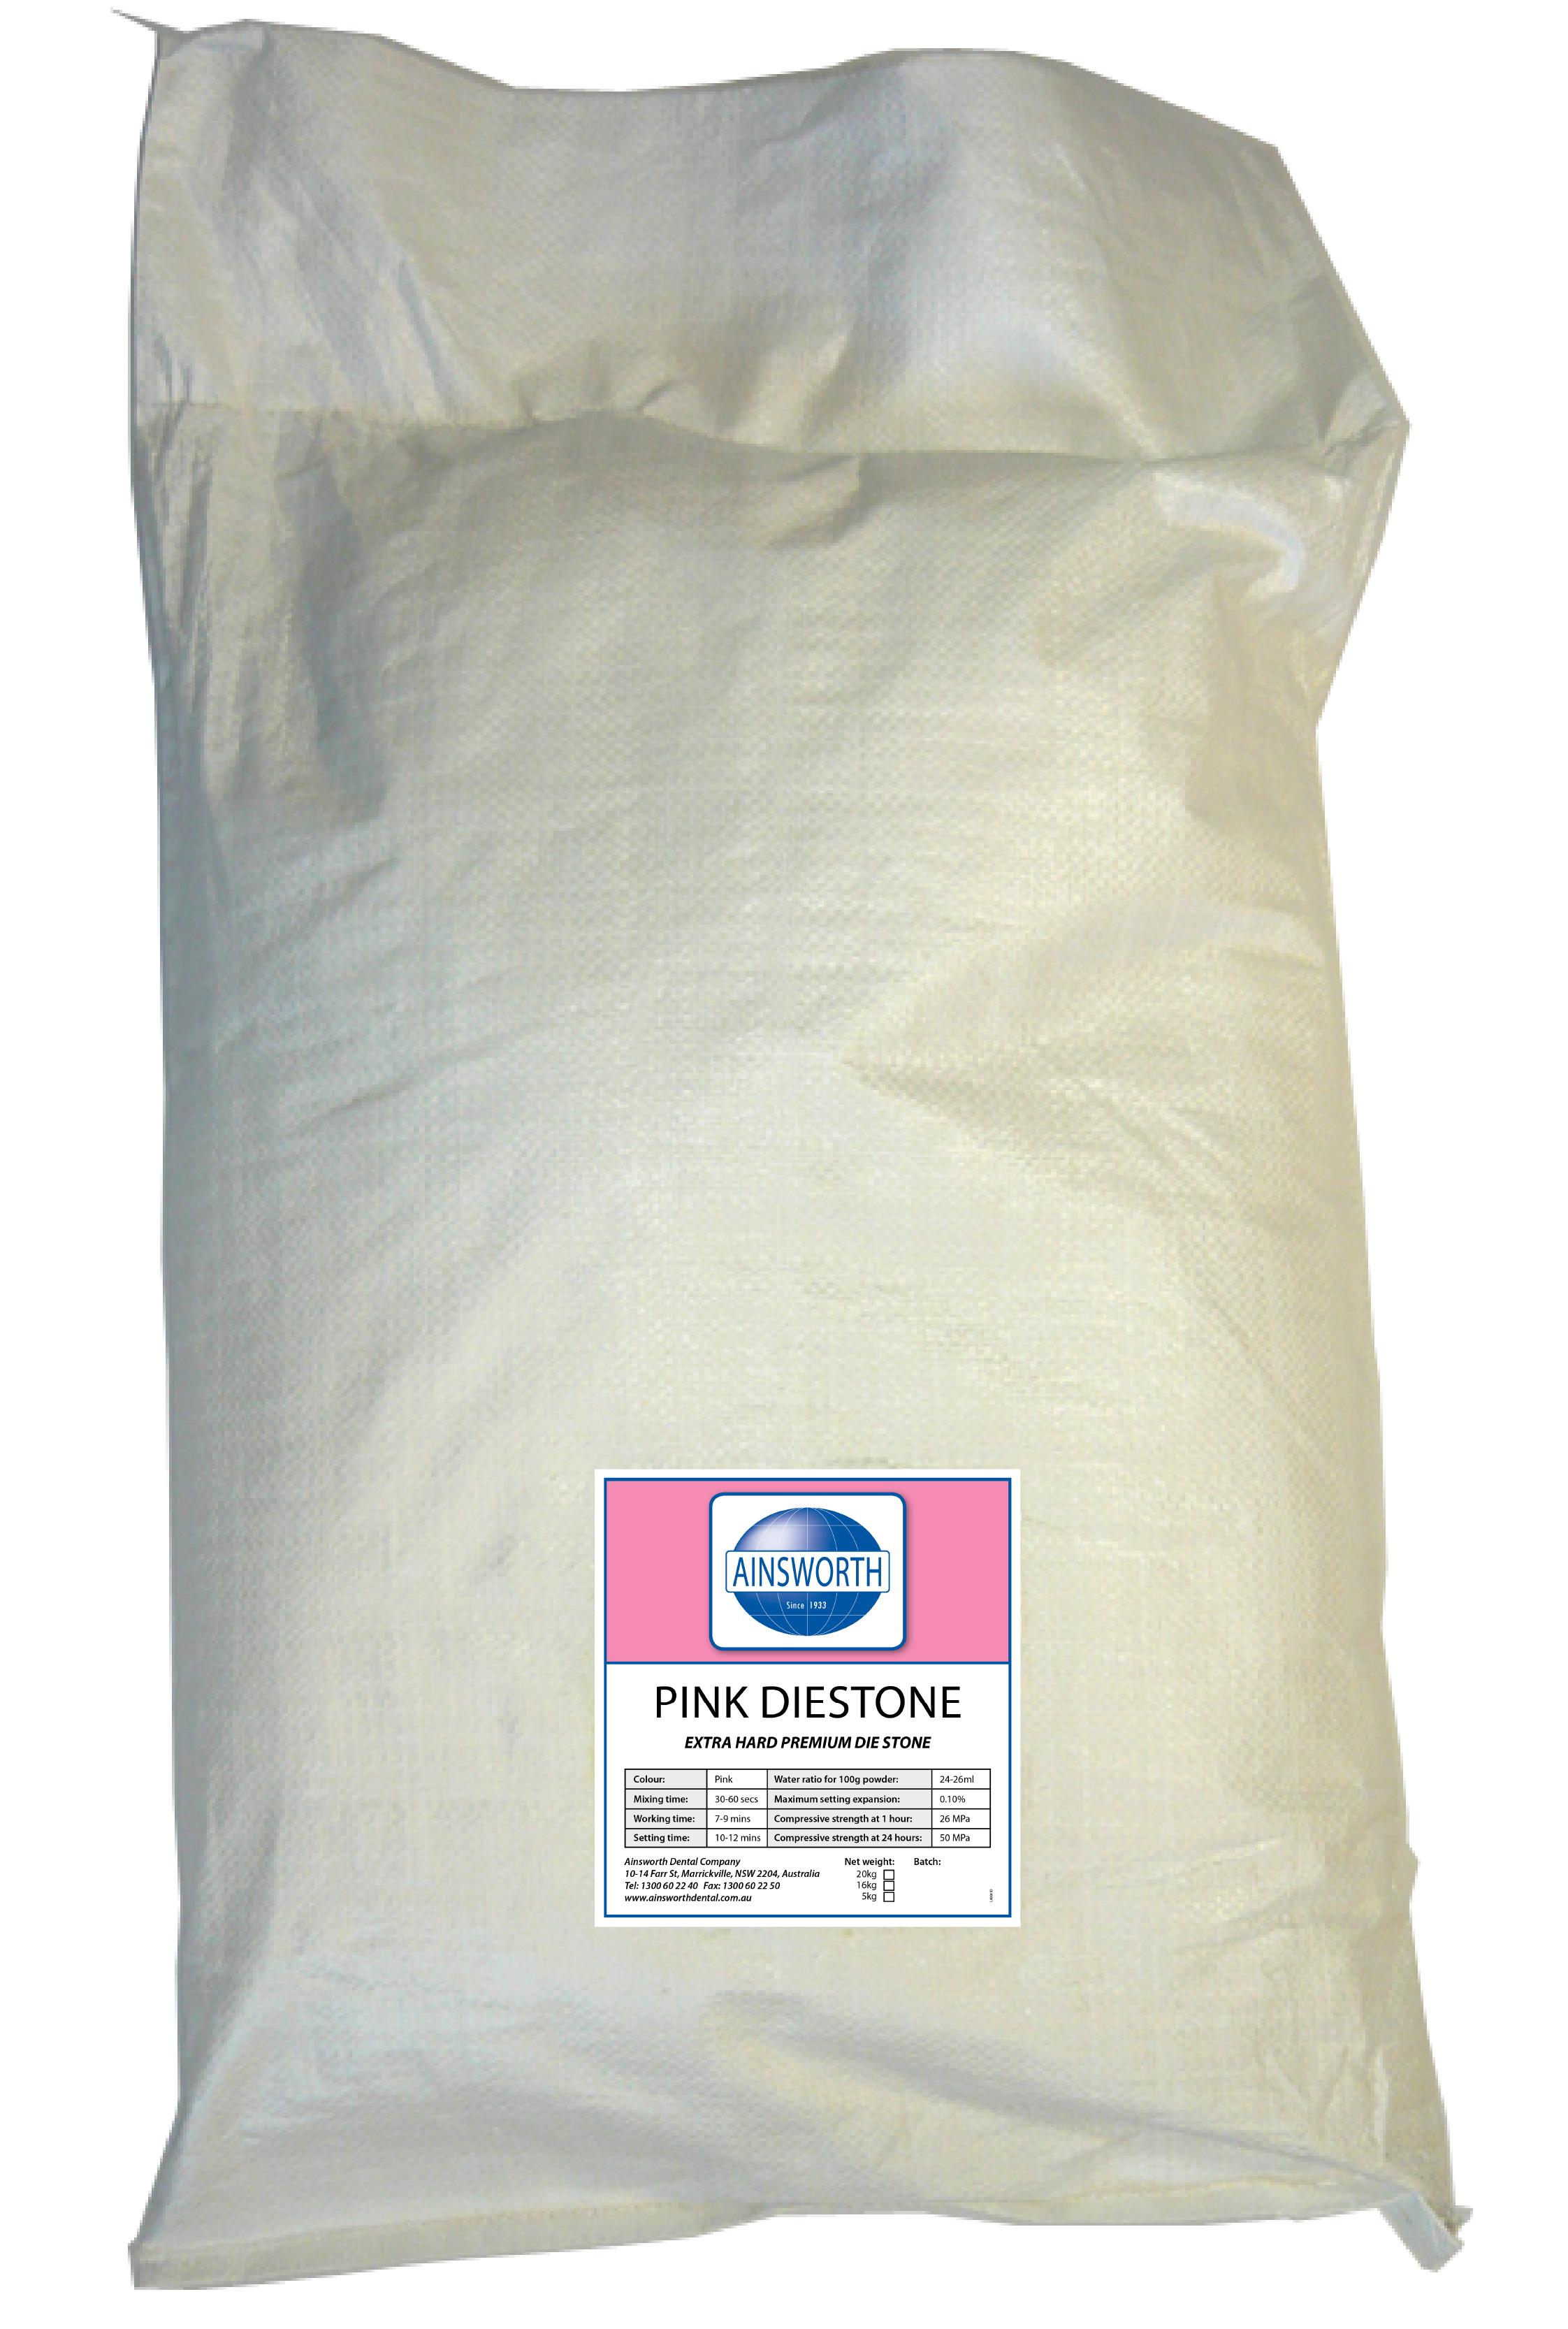 Ainsworth Pink Diestone 20Kg Bag